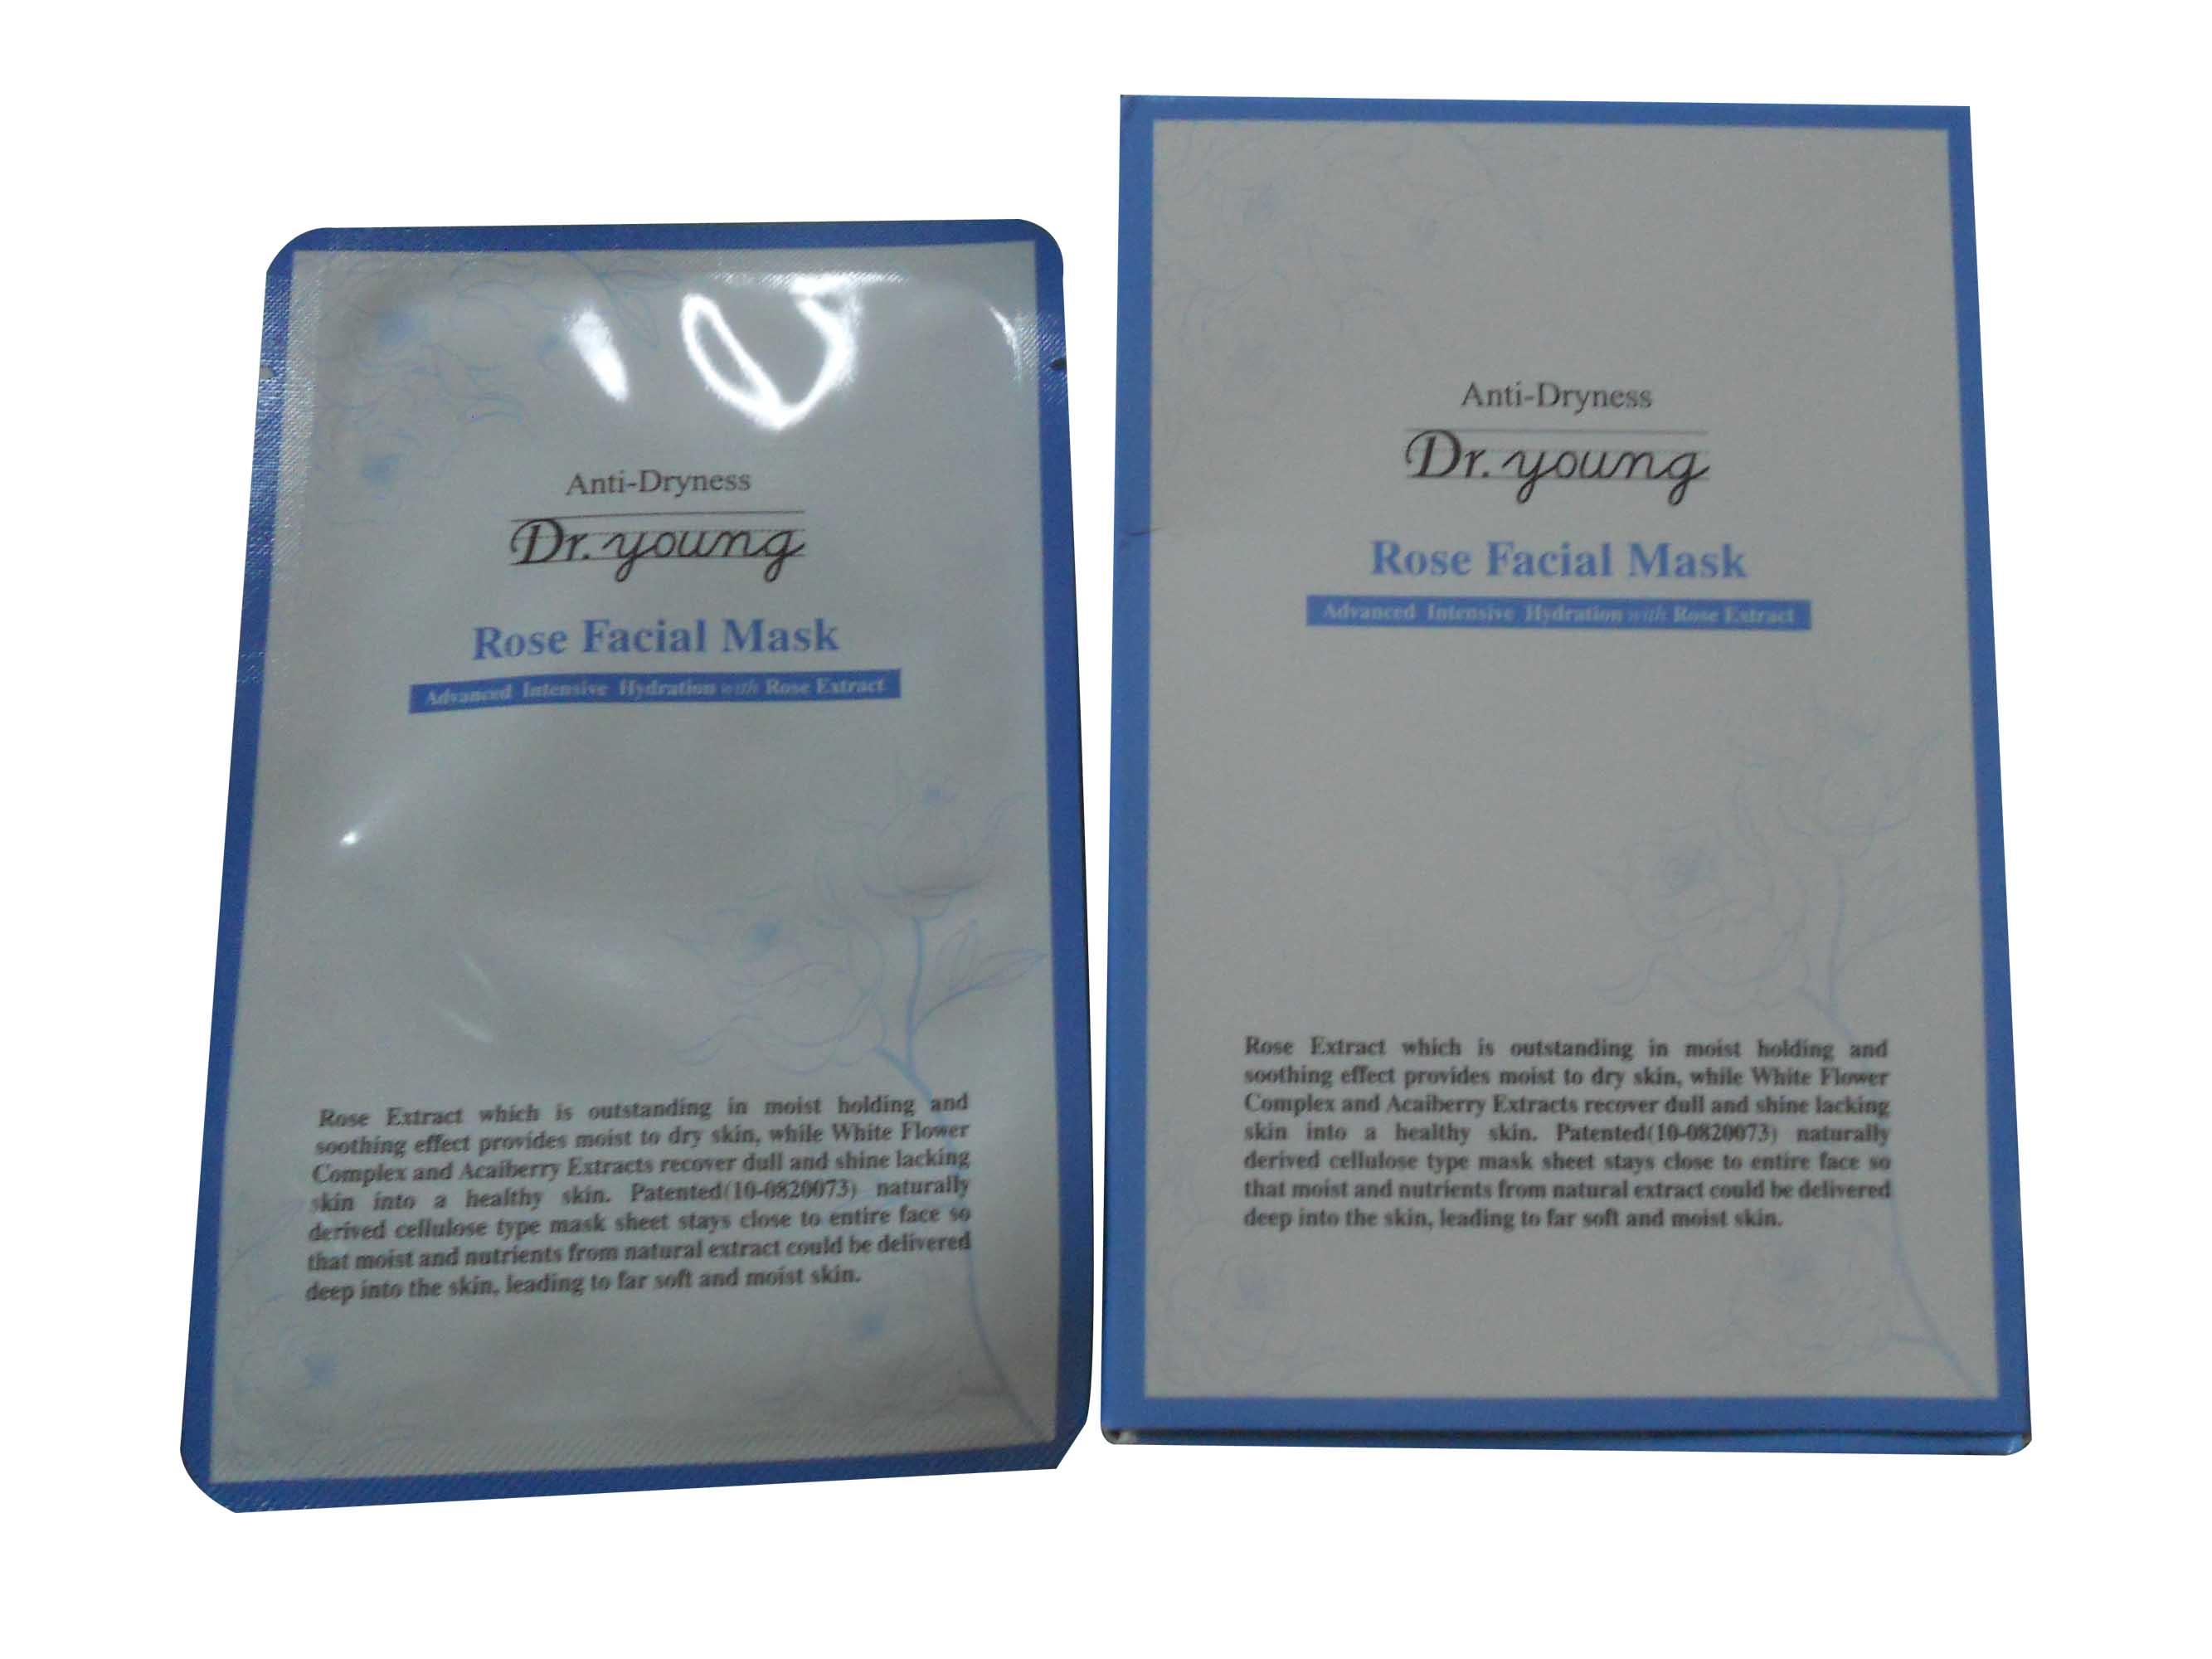 Anti-Dryness (Rose Facial Mask)